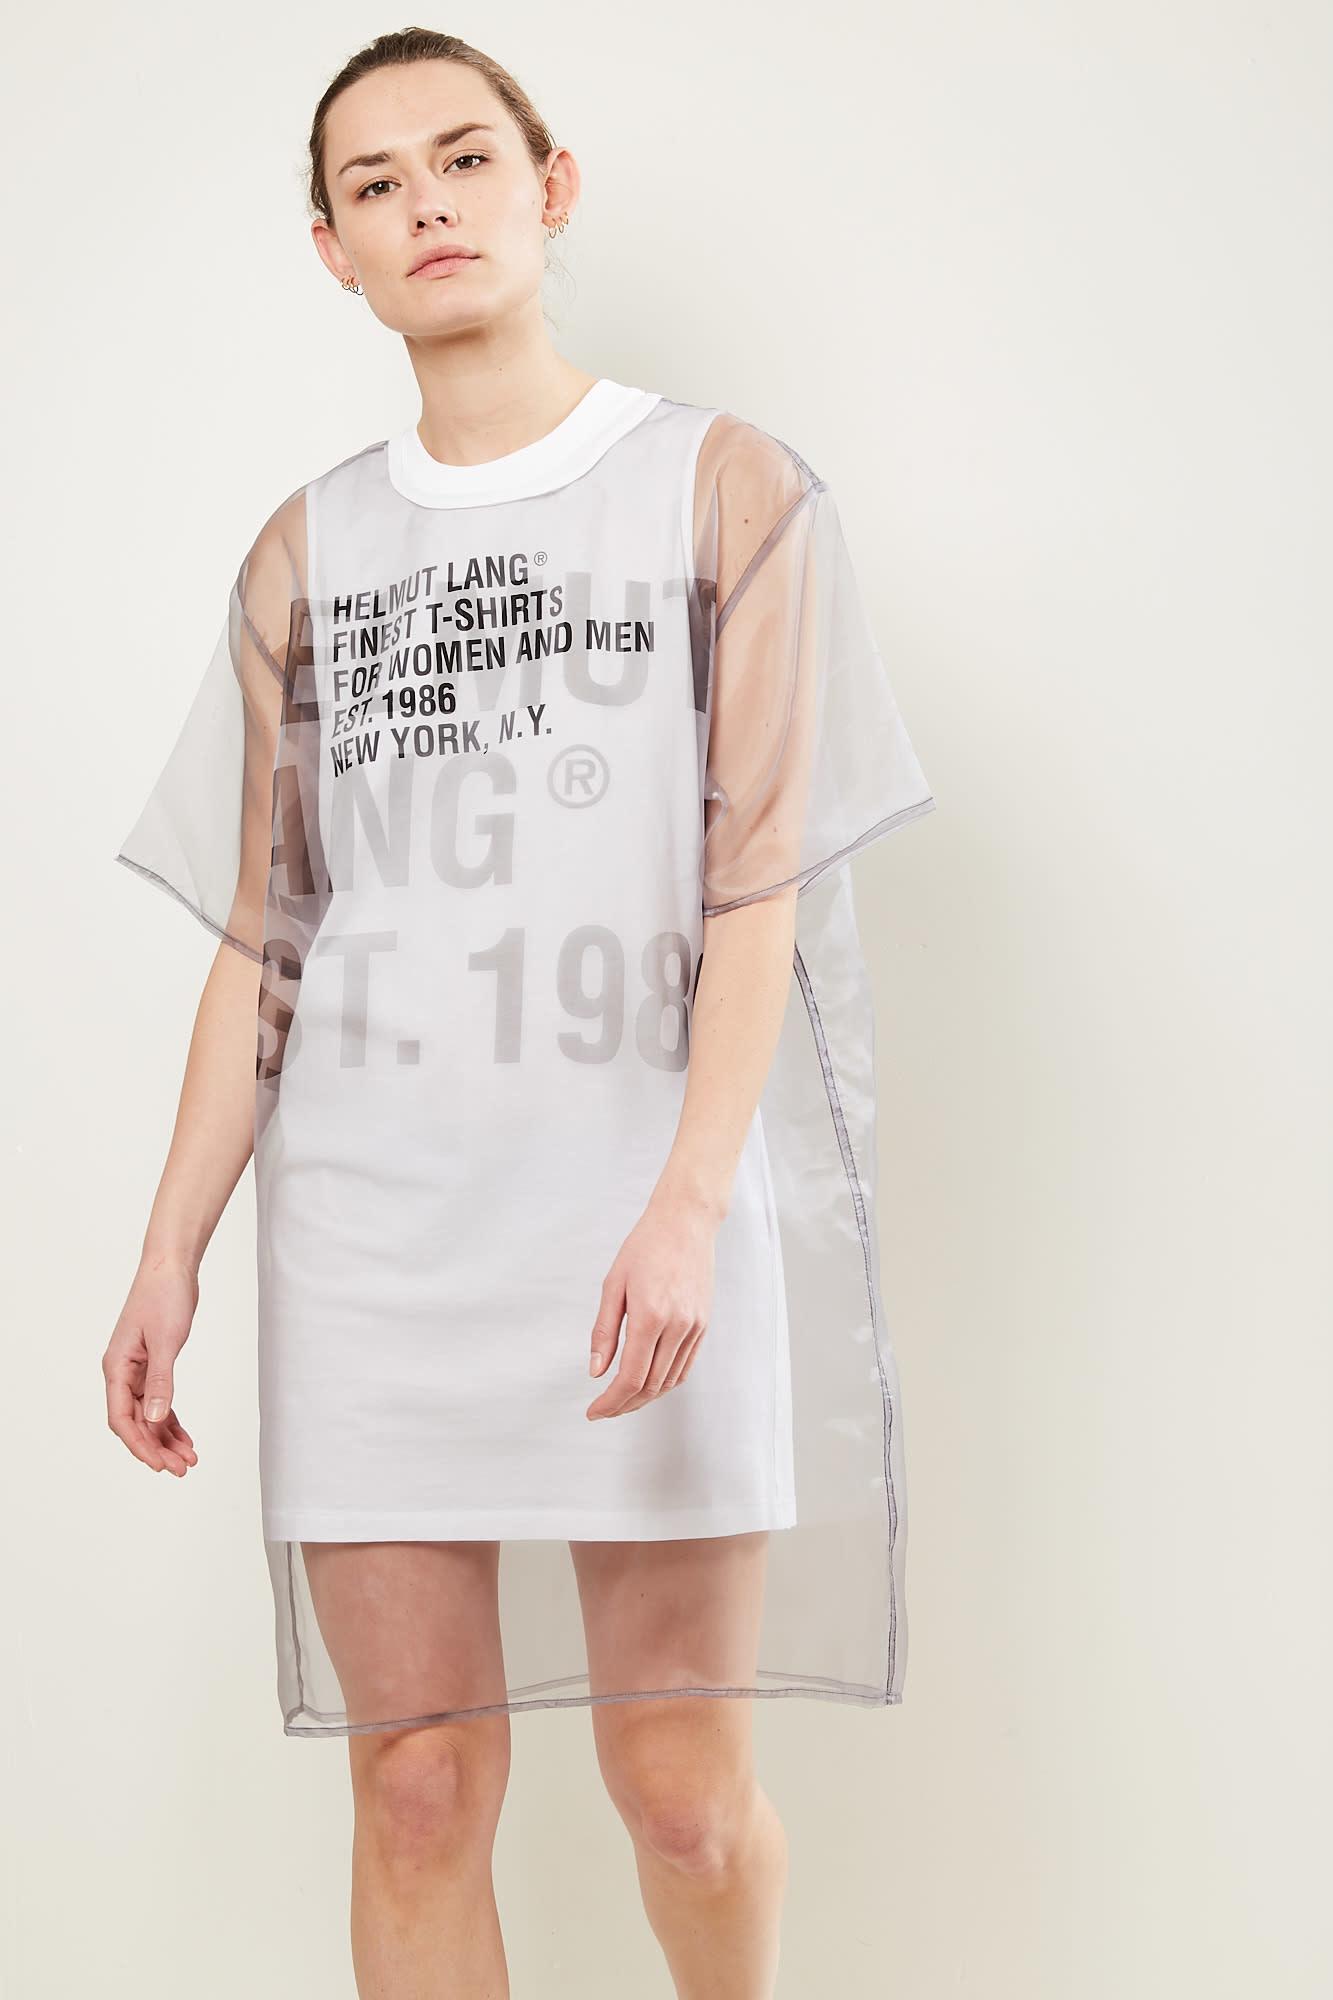 Helmut Lang Tee dress